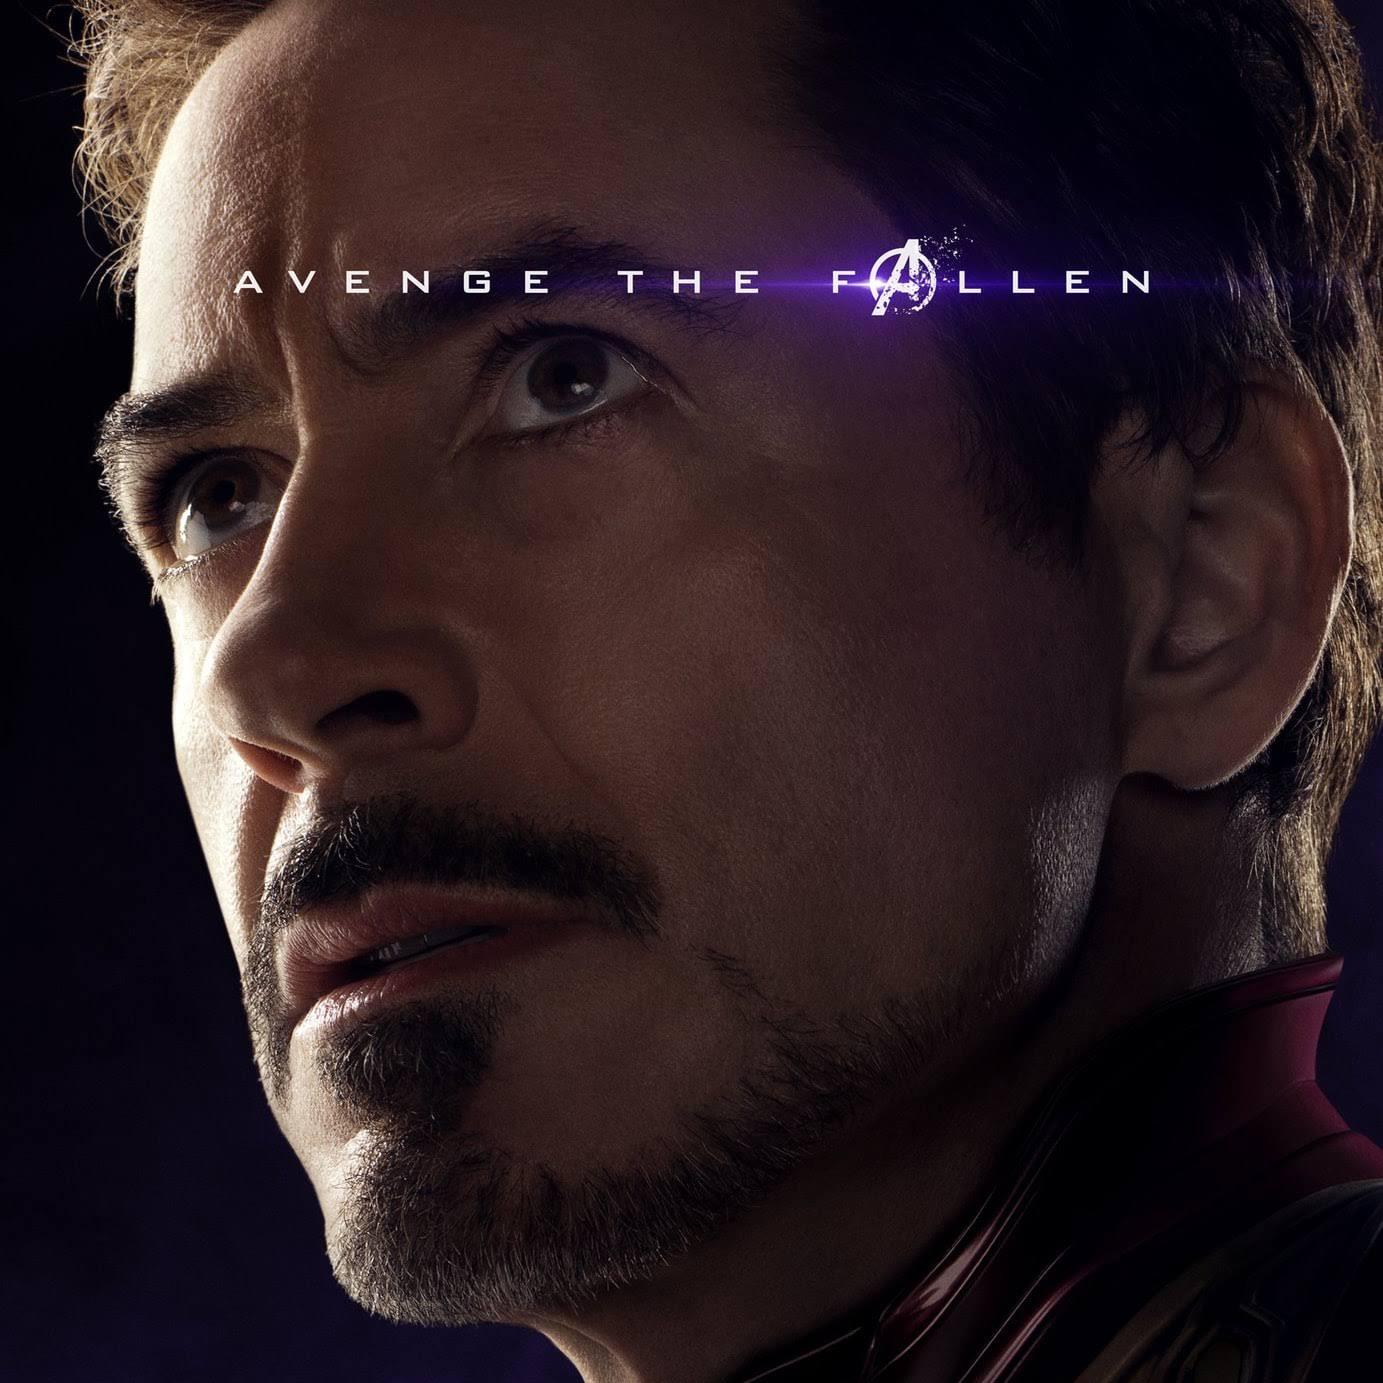 Avengers Endgame :【ネタバレ厳重注意】「アベンジャーズ : エンドゲーム」のクライマックスで、マーベル・ファンがグッときた感動のひと言の仕掛け人は、「シャーロック・ホームズ」シリーズのプロデューサーのジョエル・シルバーだったことが明らかになったトリビアの裏話 ! !